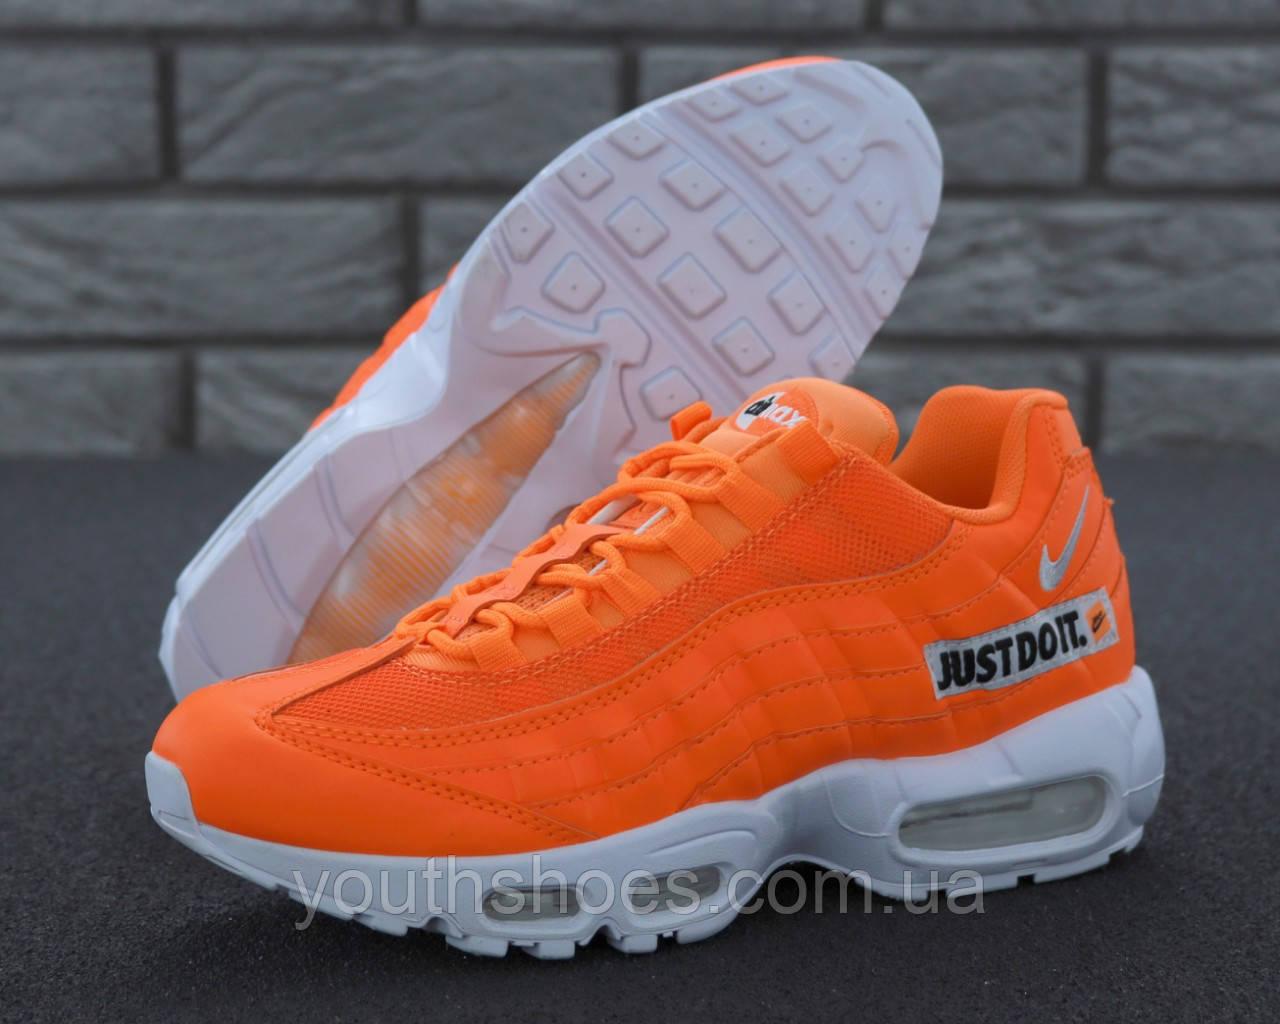 """Кроссовки мужские кожаные Nike Air Max 95 Just Do It """"Оранжевые"""" р.41-45, фото 1"""